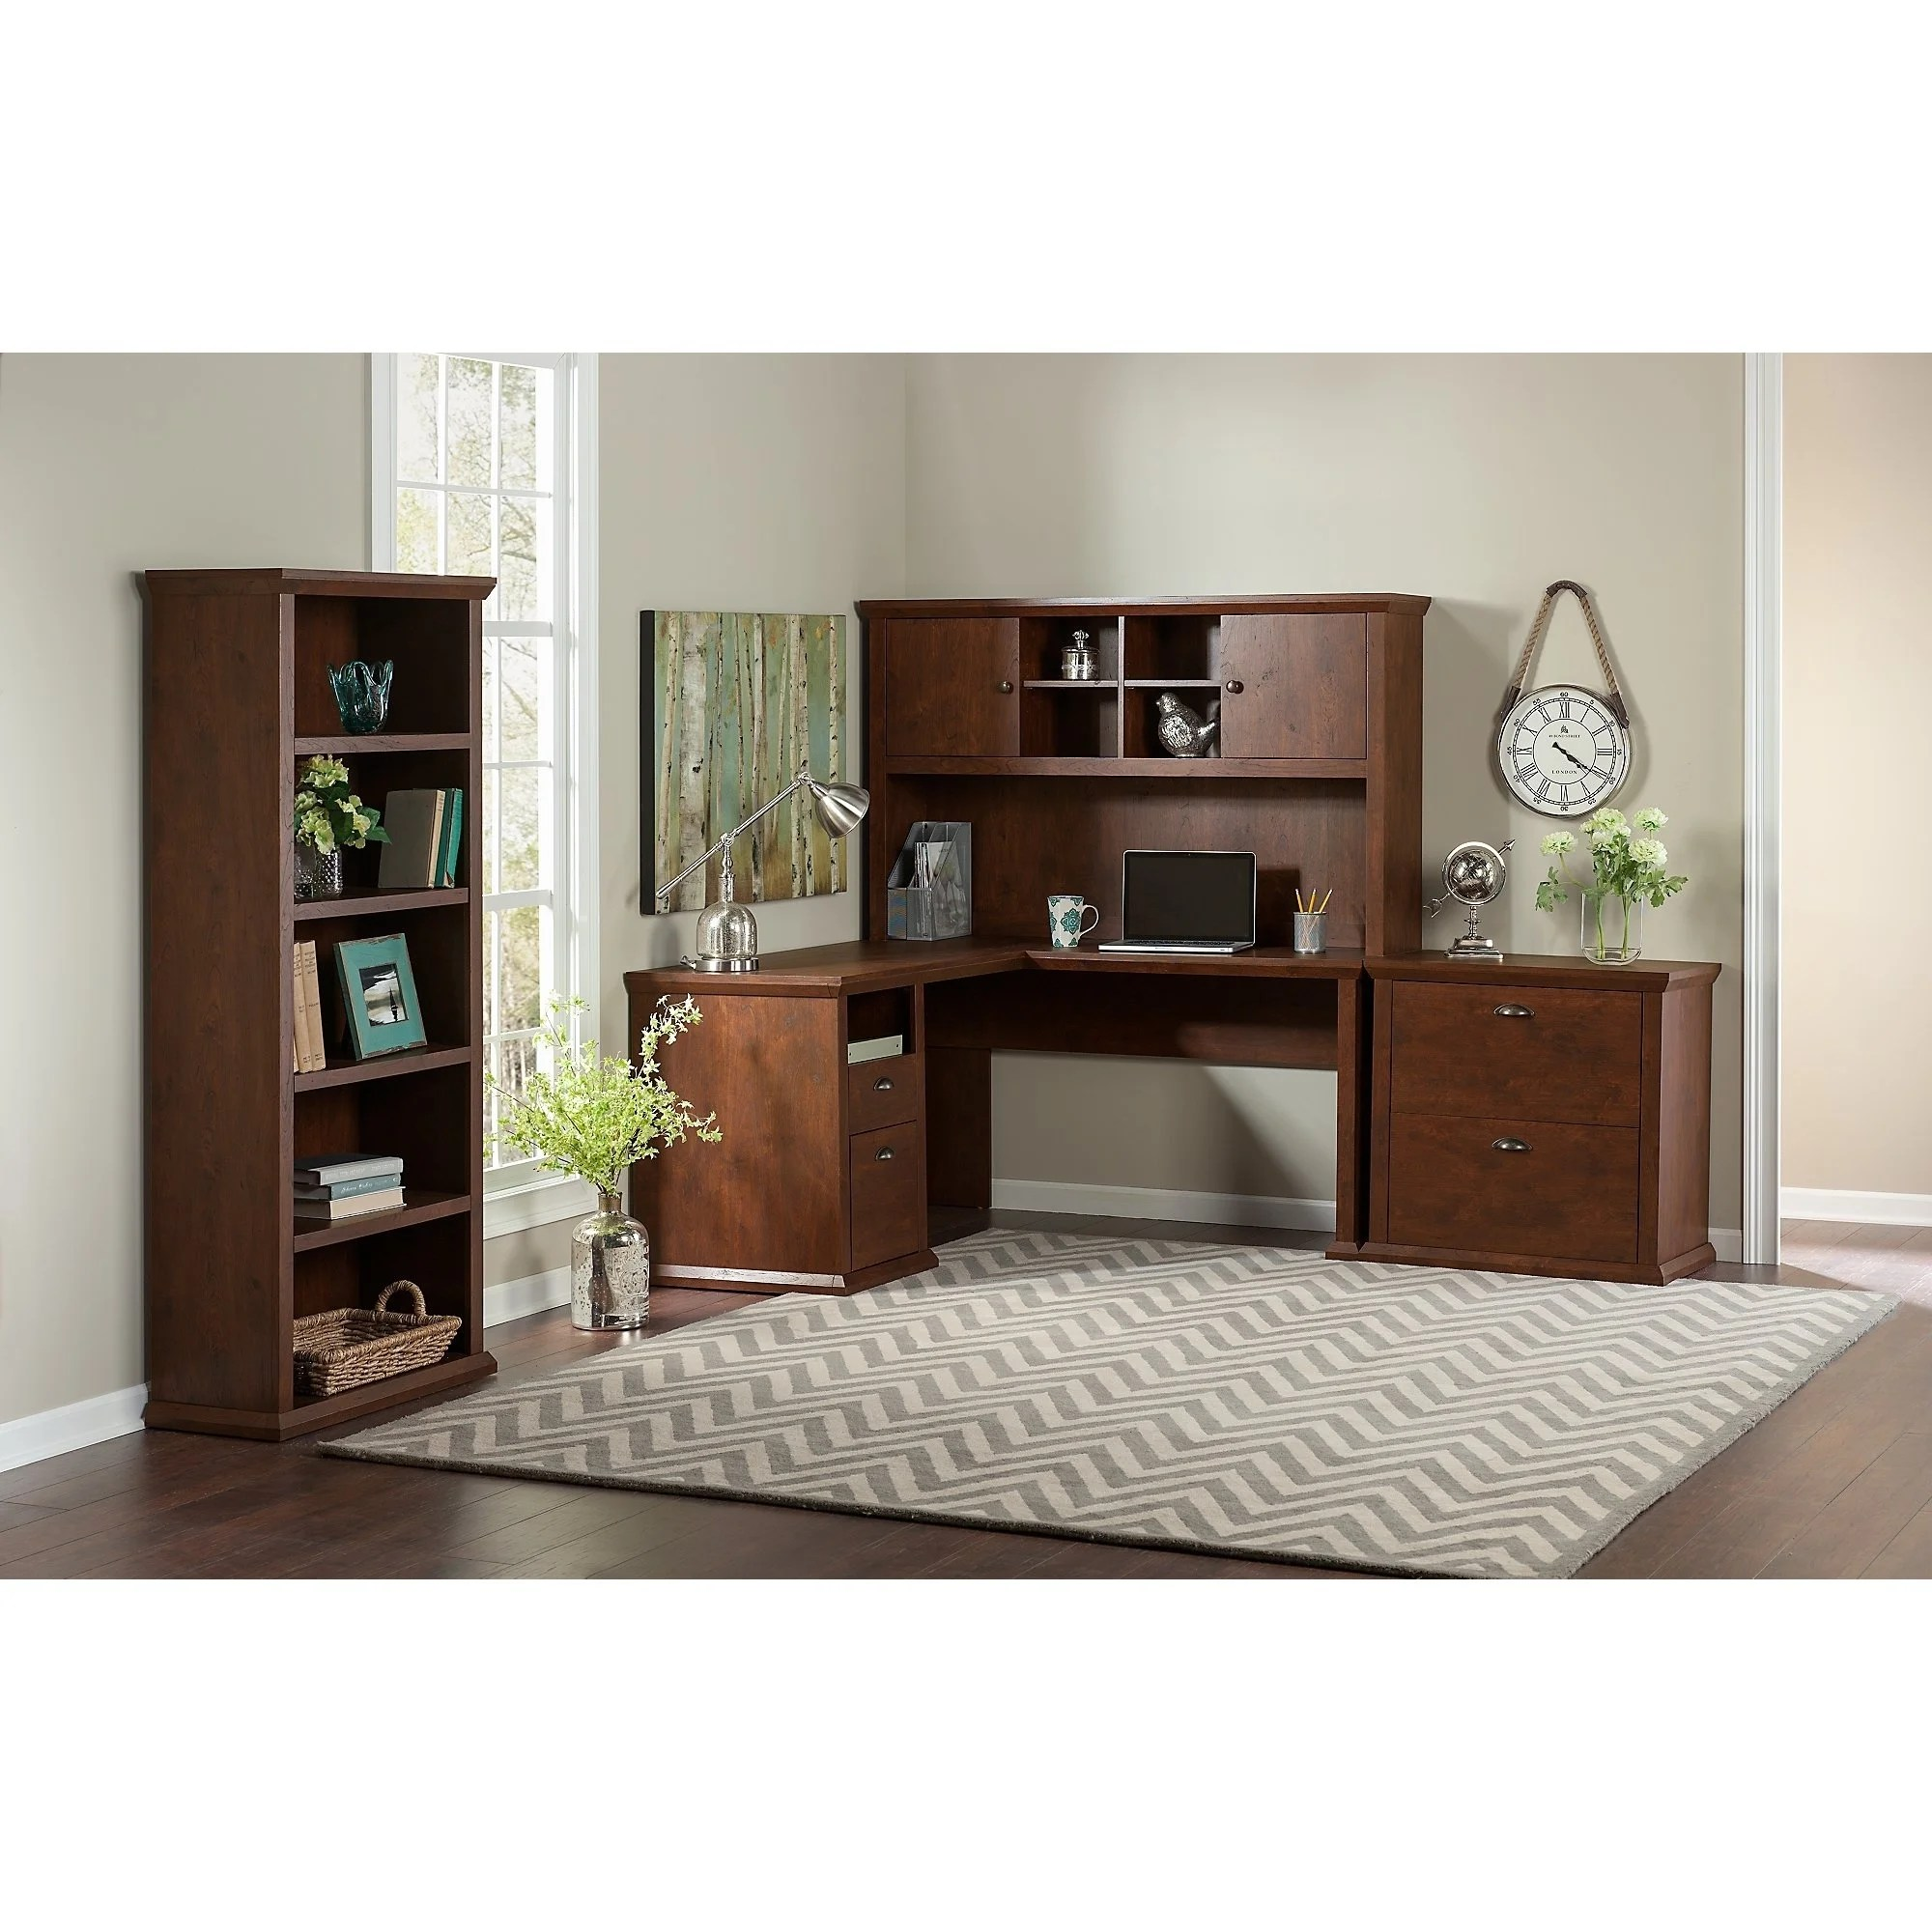 Copper Grove Senaki L Shaped Desk With Hutch Lateral File Cabinet And Bookcase In Antique Cherry